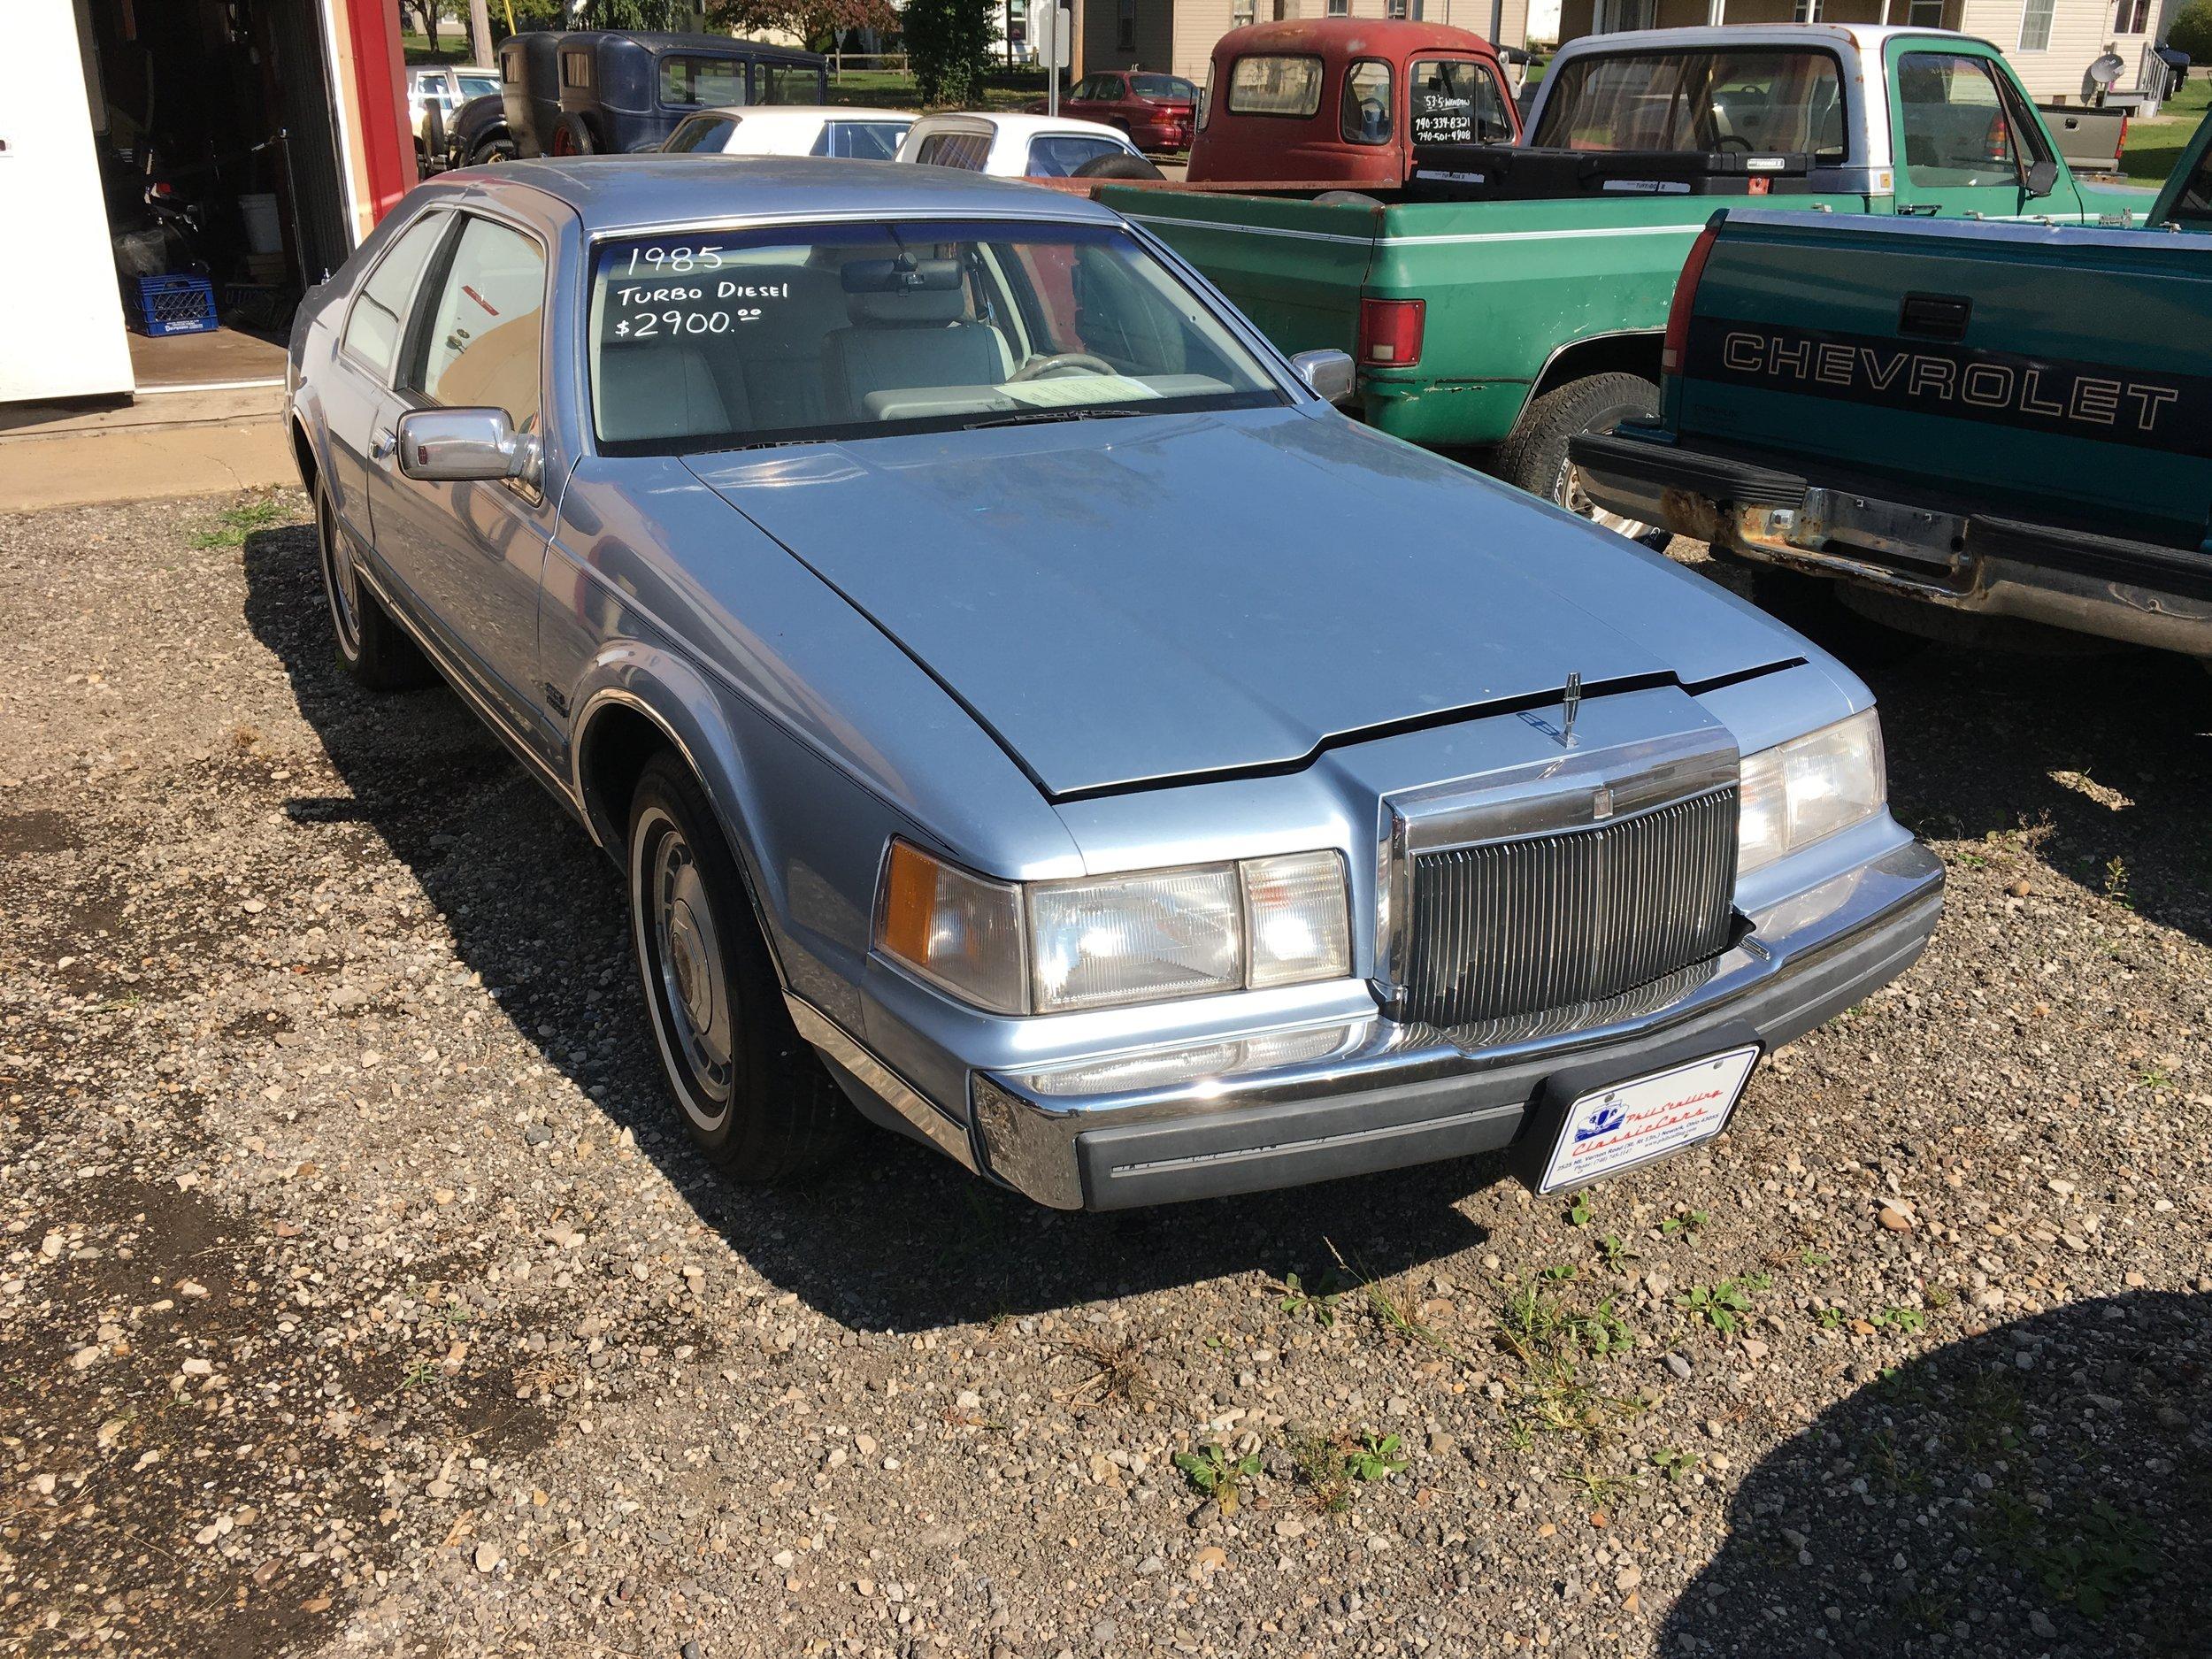 1985 Lincoln MK7